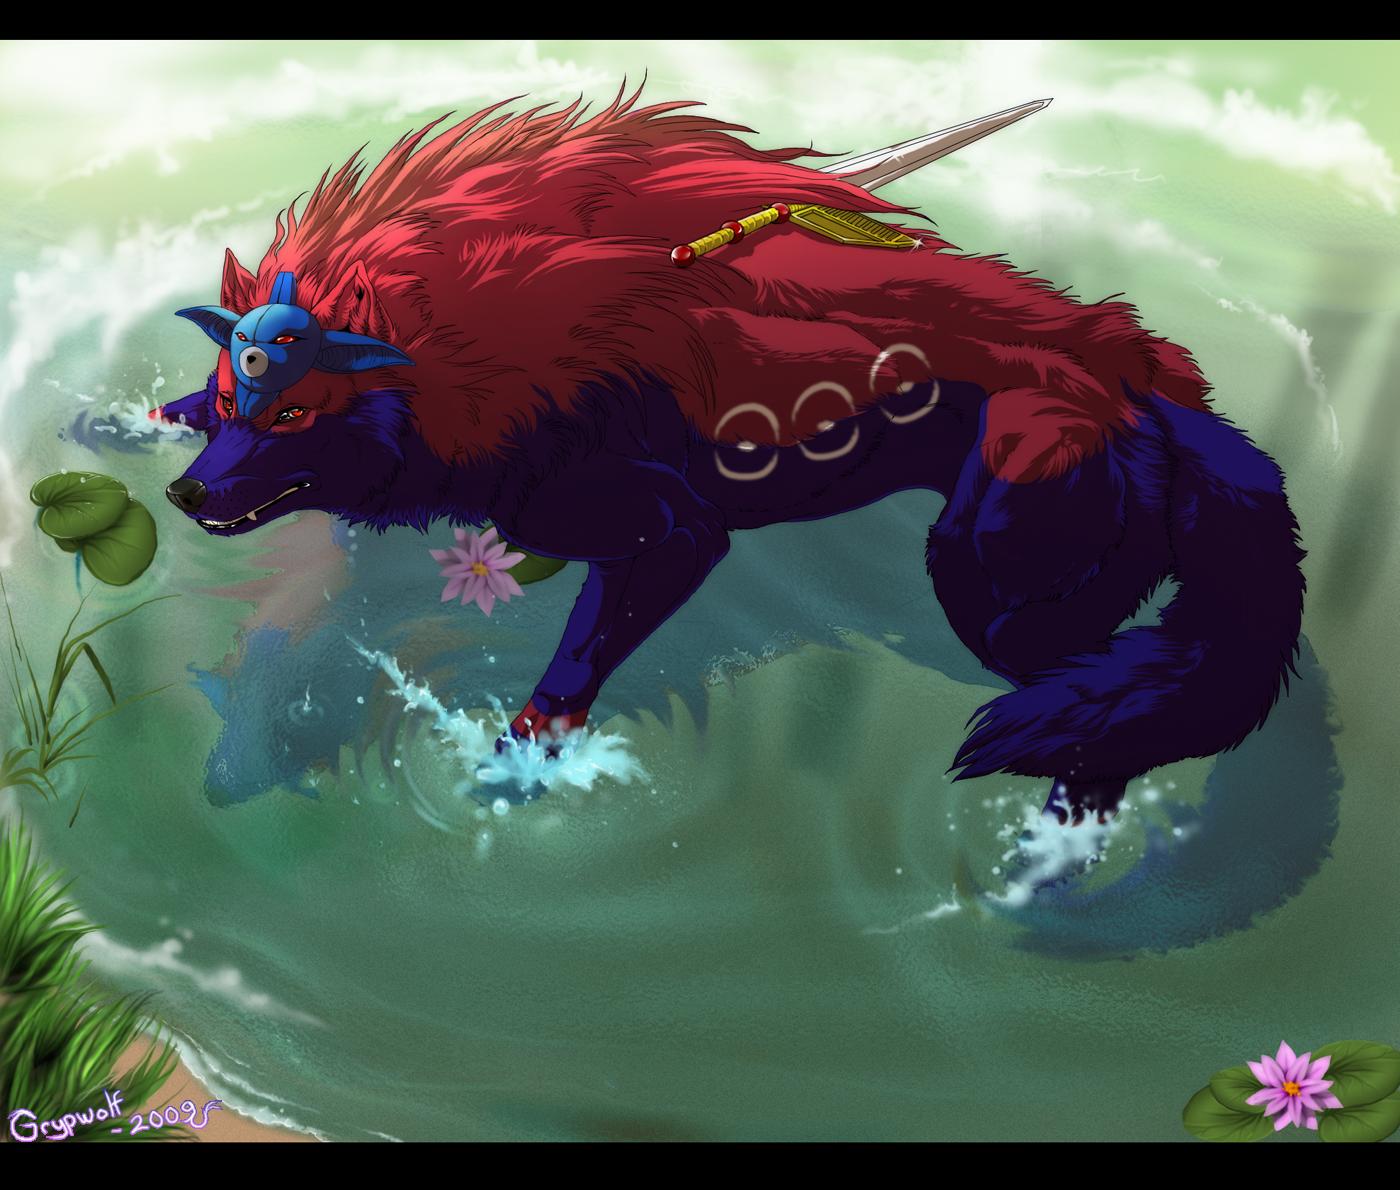 Okami - Swanheart by Grypwolf